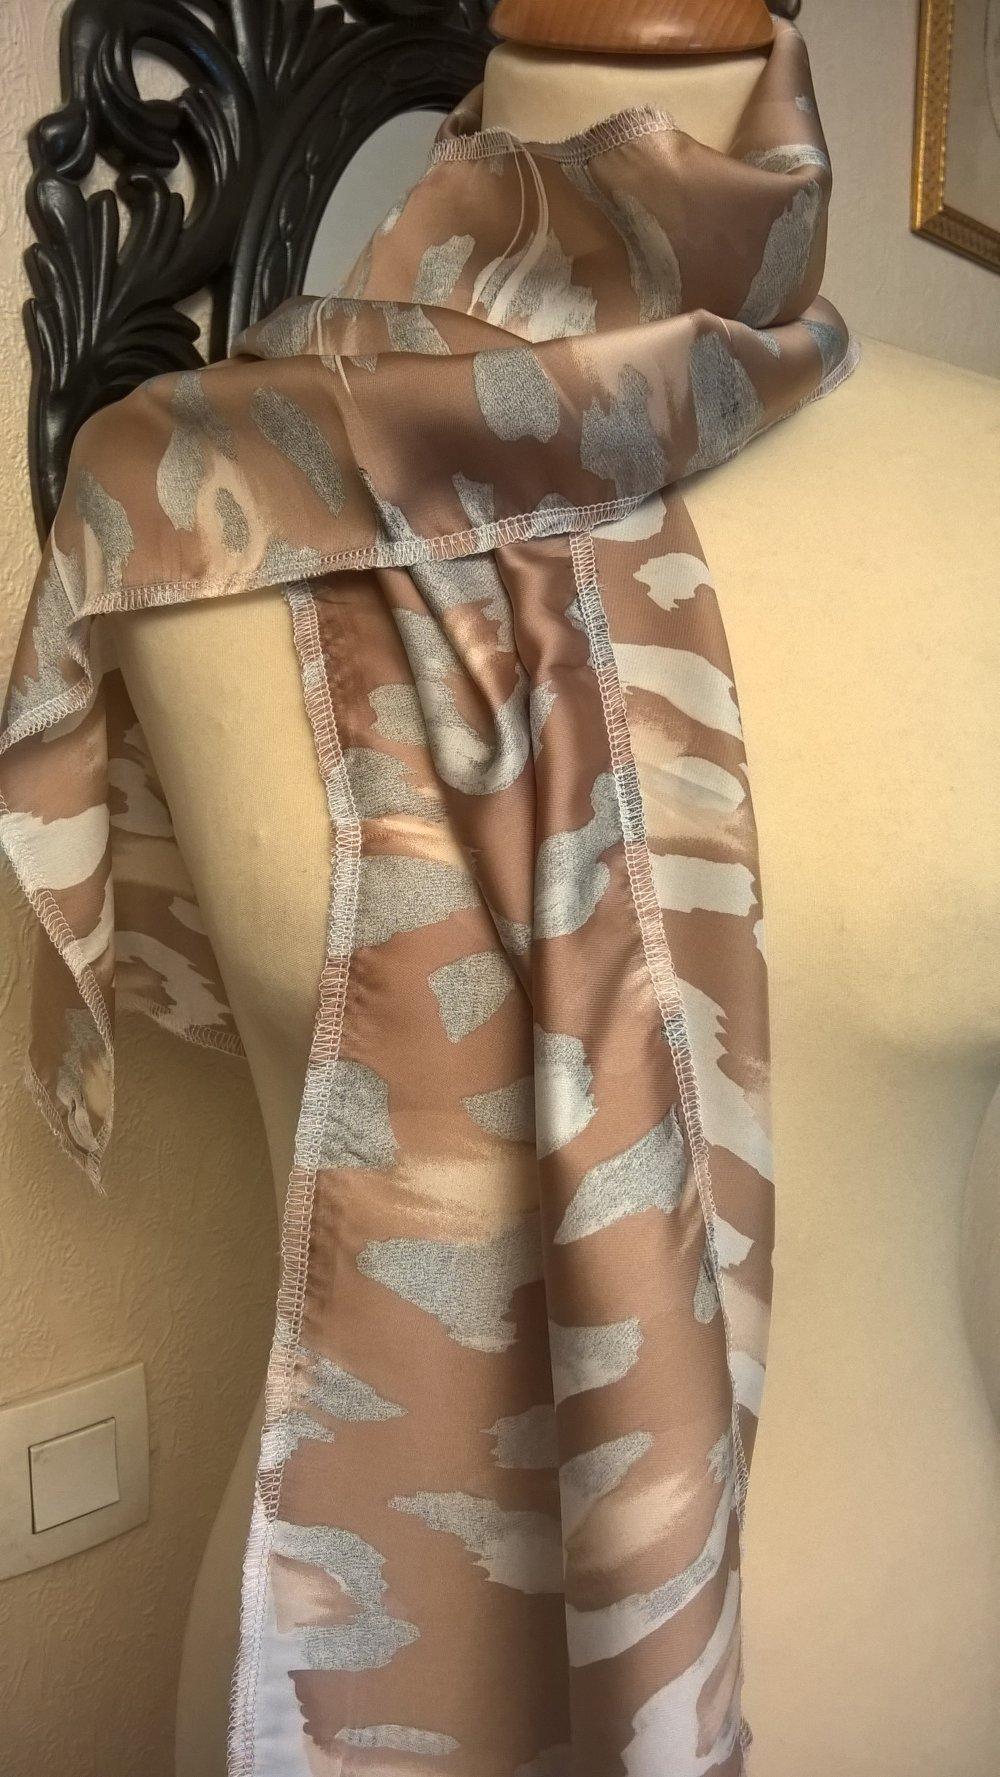 Écharpe fine,en tissu de soie imprimé,de couleur beige et gris,écharpe femme,écharpe fille,cadeau femme